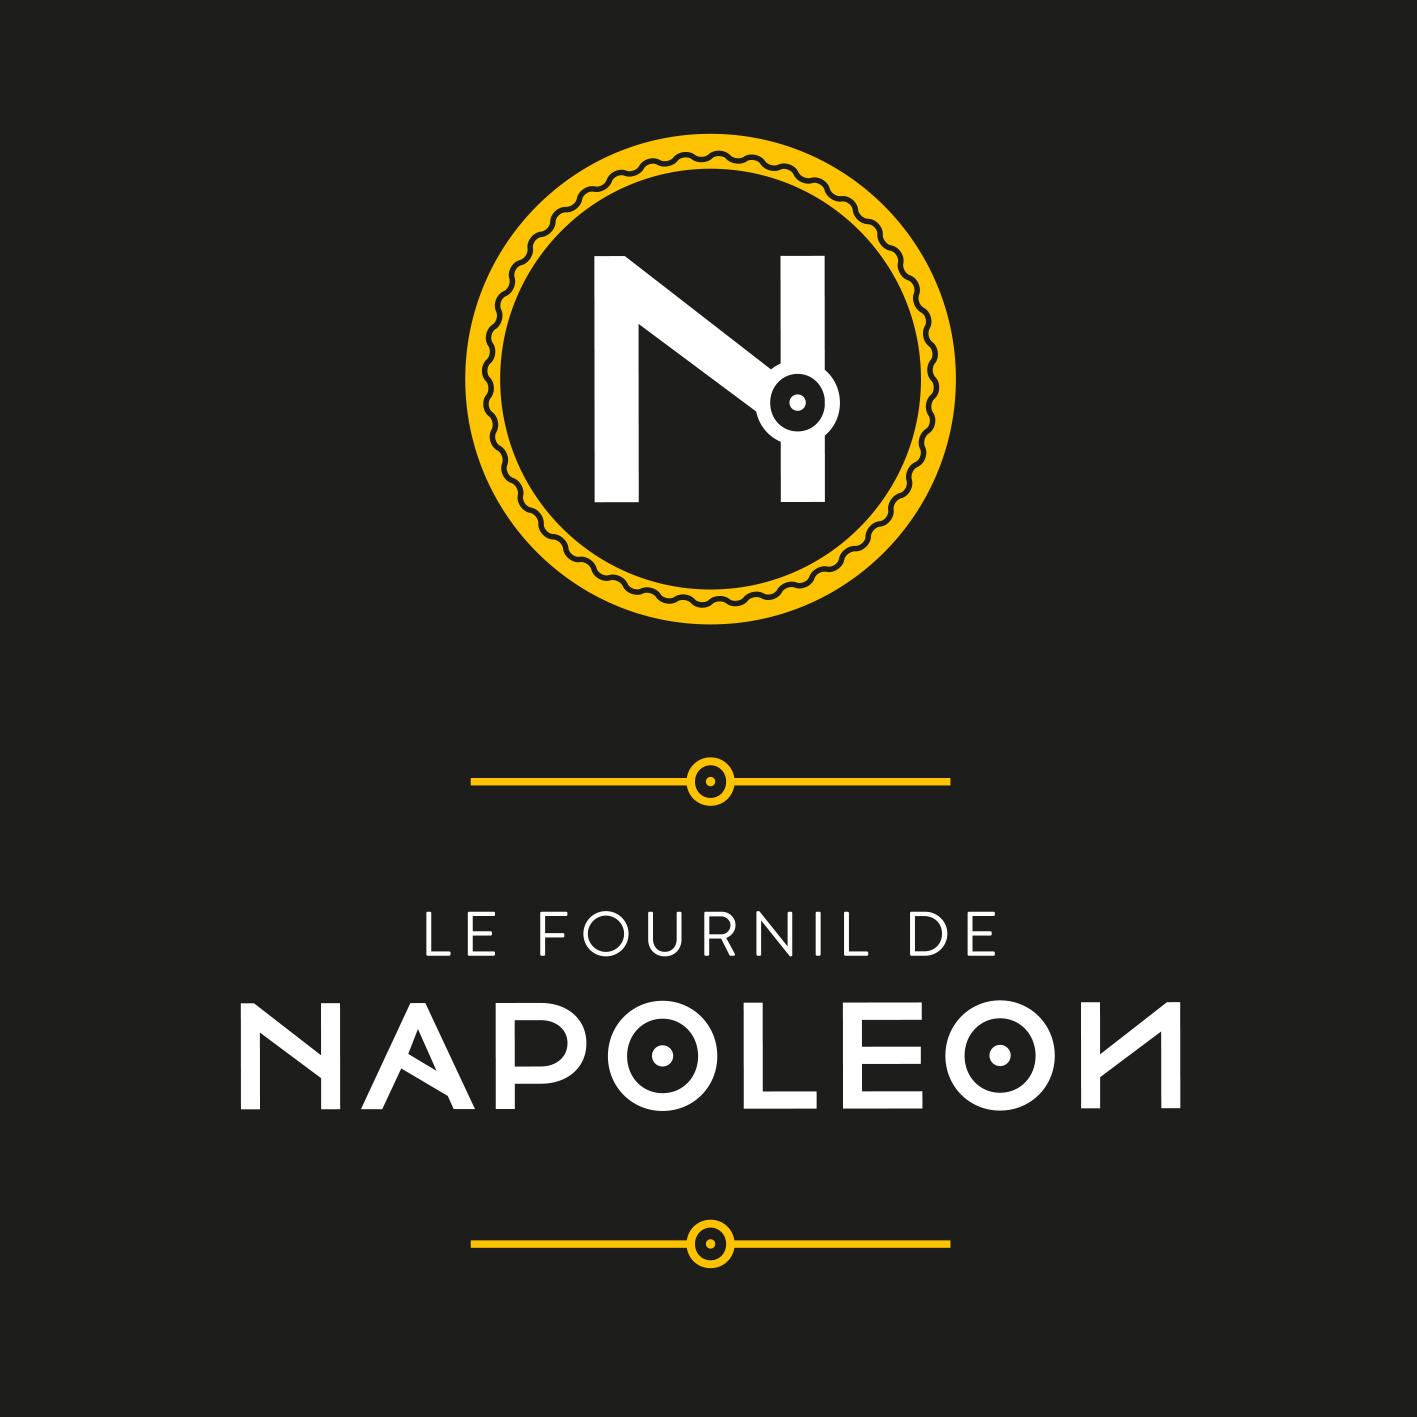 Fournil Napoleon